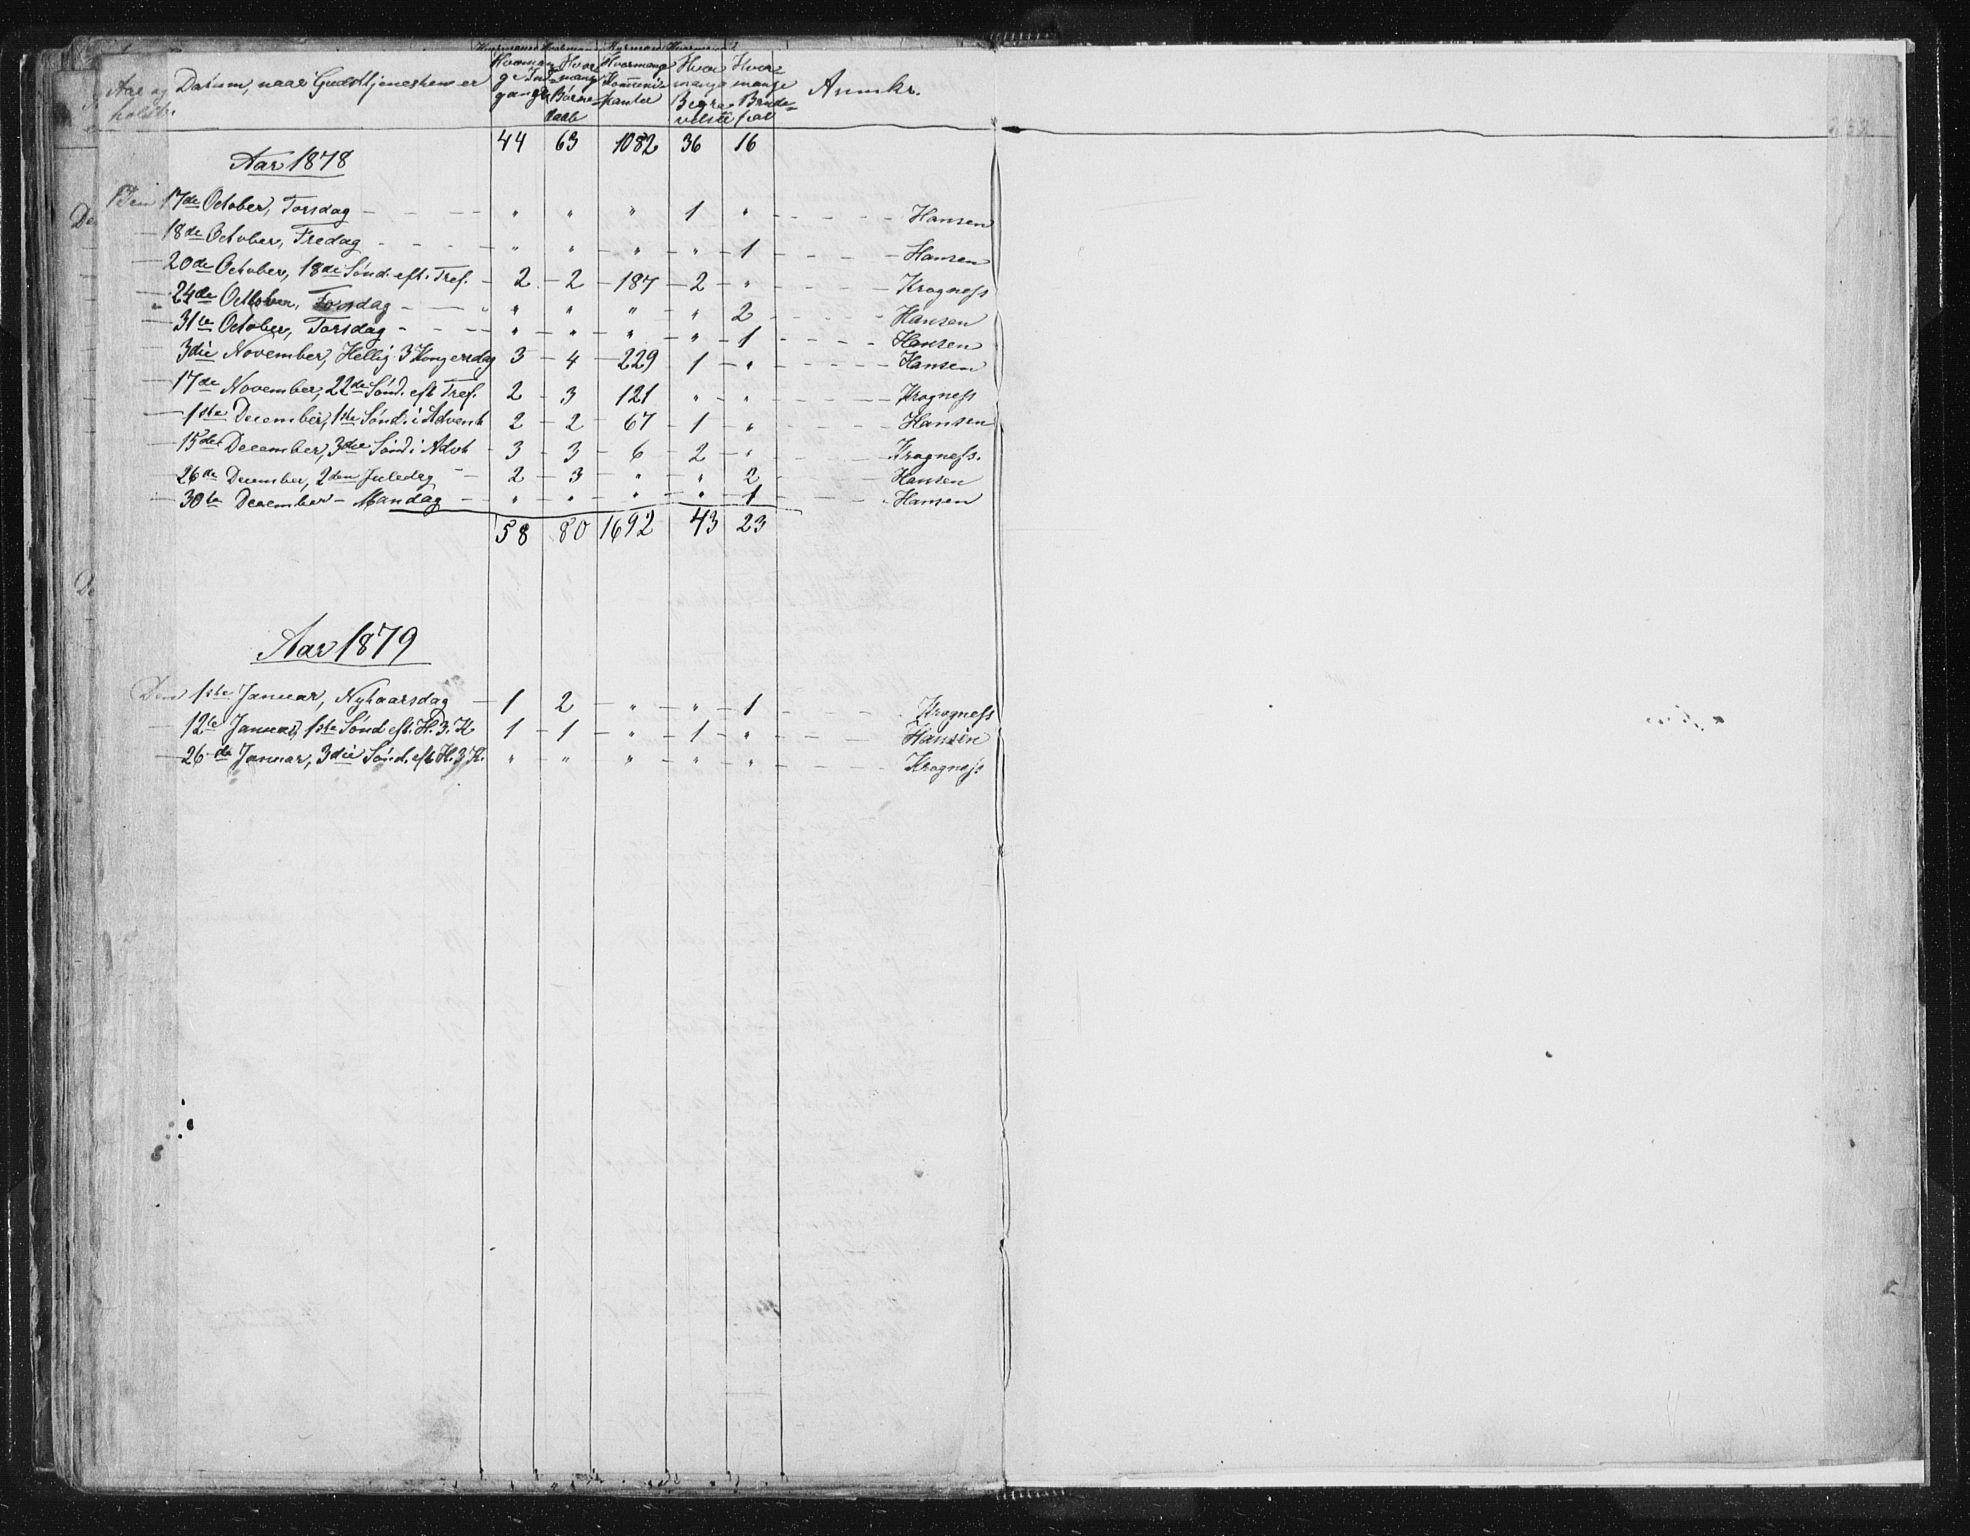 SAT, Ministerialprotokoller, klokkerbøker og fødselsregistre - Sør-Trøndelag, 616/L0406: Ministerialbok nr. 616A03, 1843-1879, s. 232